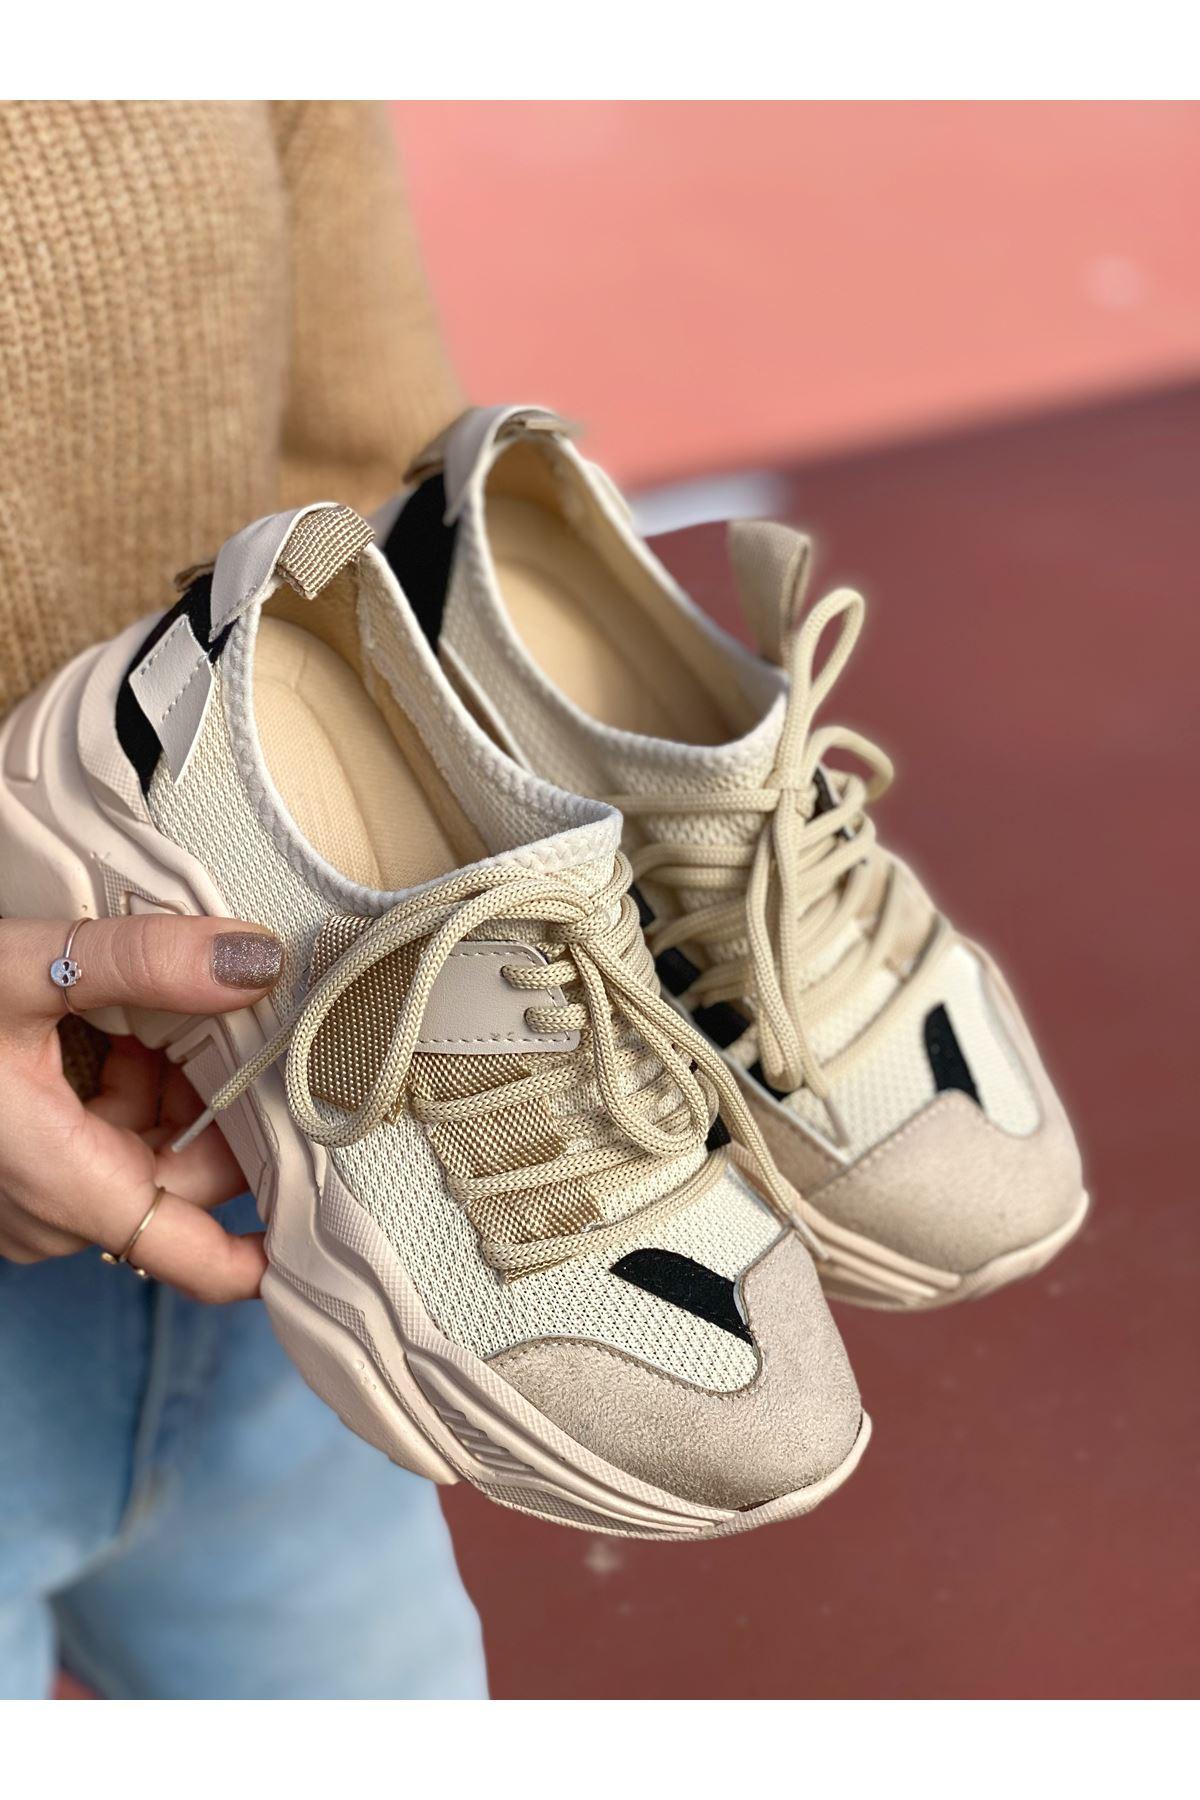 Kadın Kuli Karışık Triko Malzeme Bağcık Detaylı Kalın Taban Vizon Spor Ayakkabı